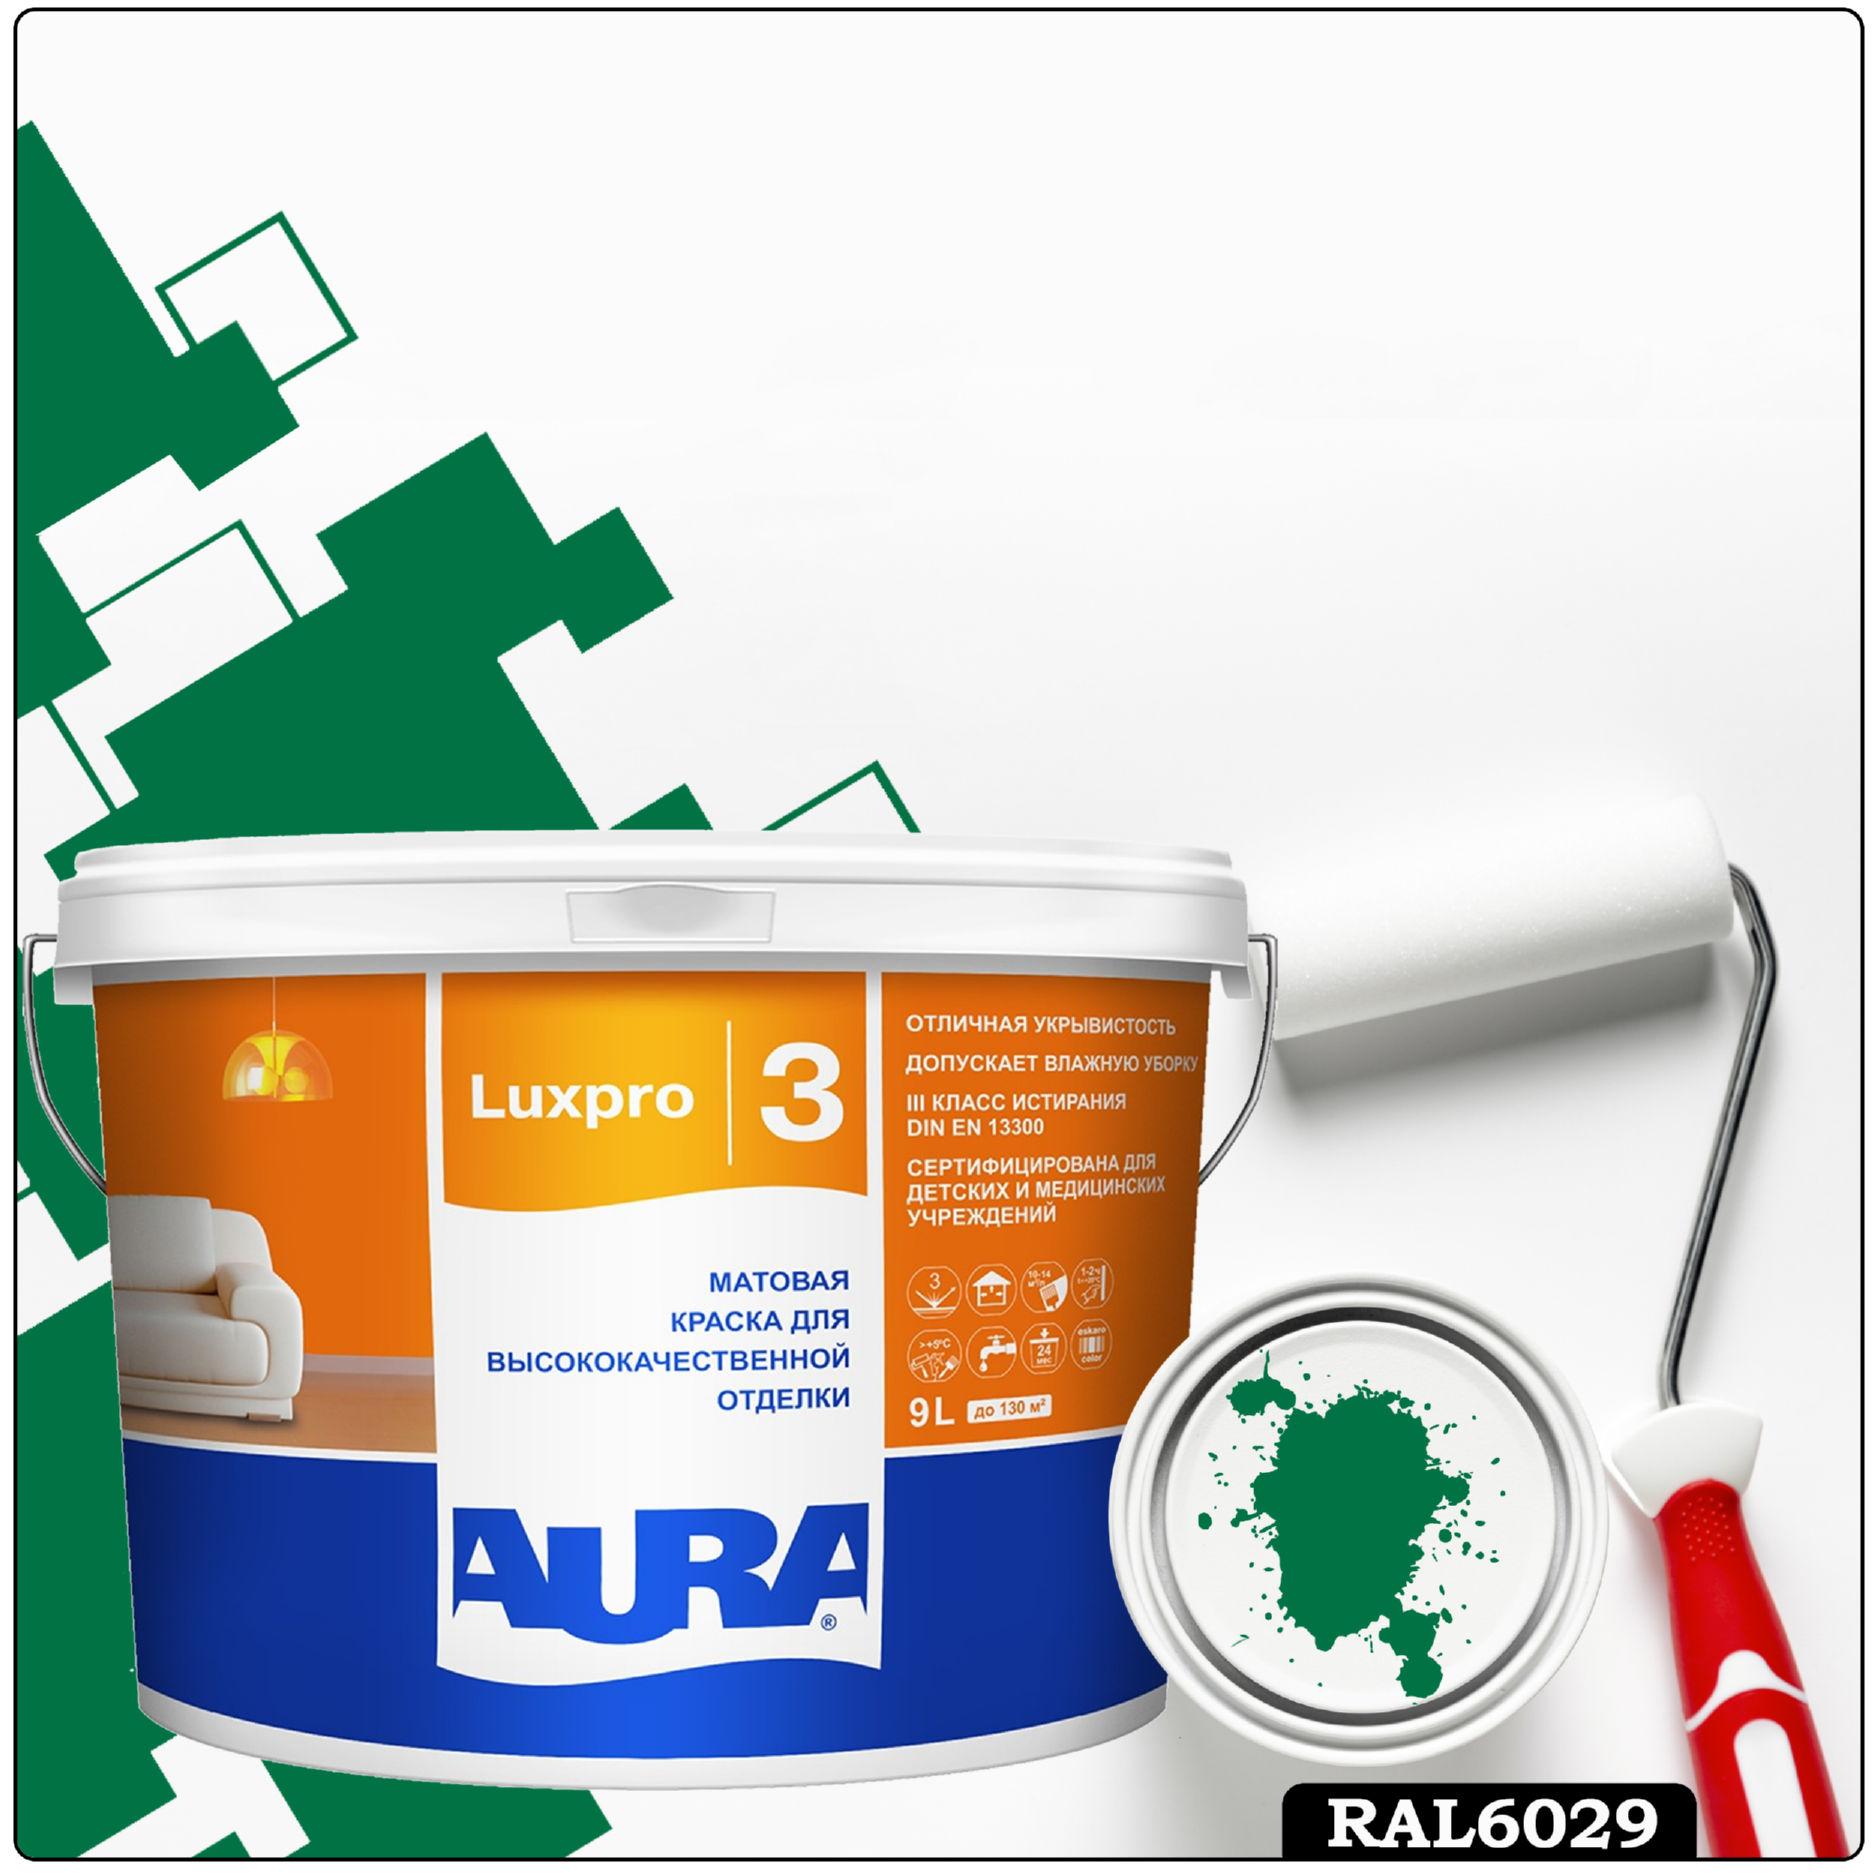 Фото 2 - Краска Aura LuxPRO 3, RAL 6029 Зеленая мята, латексная, шелково-матовая, интерьерная, 9л, Аура.